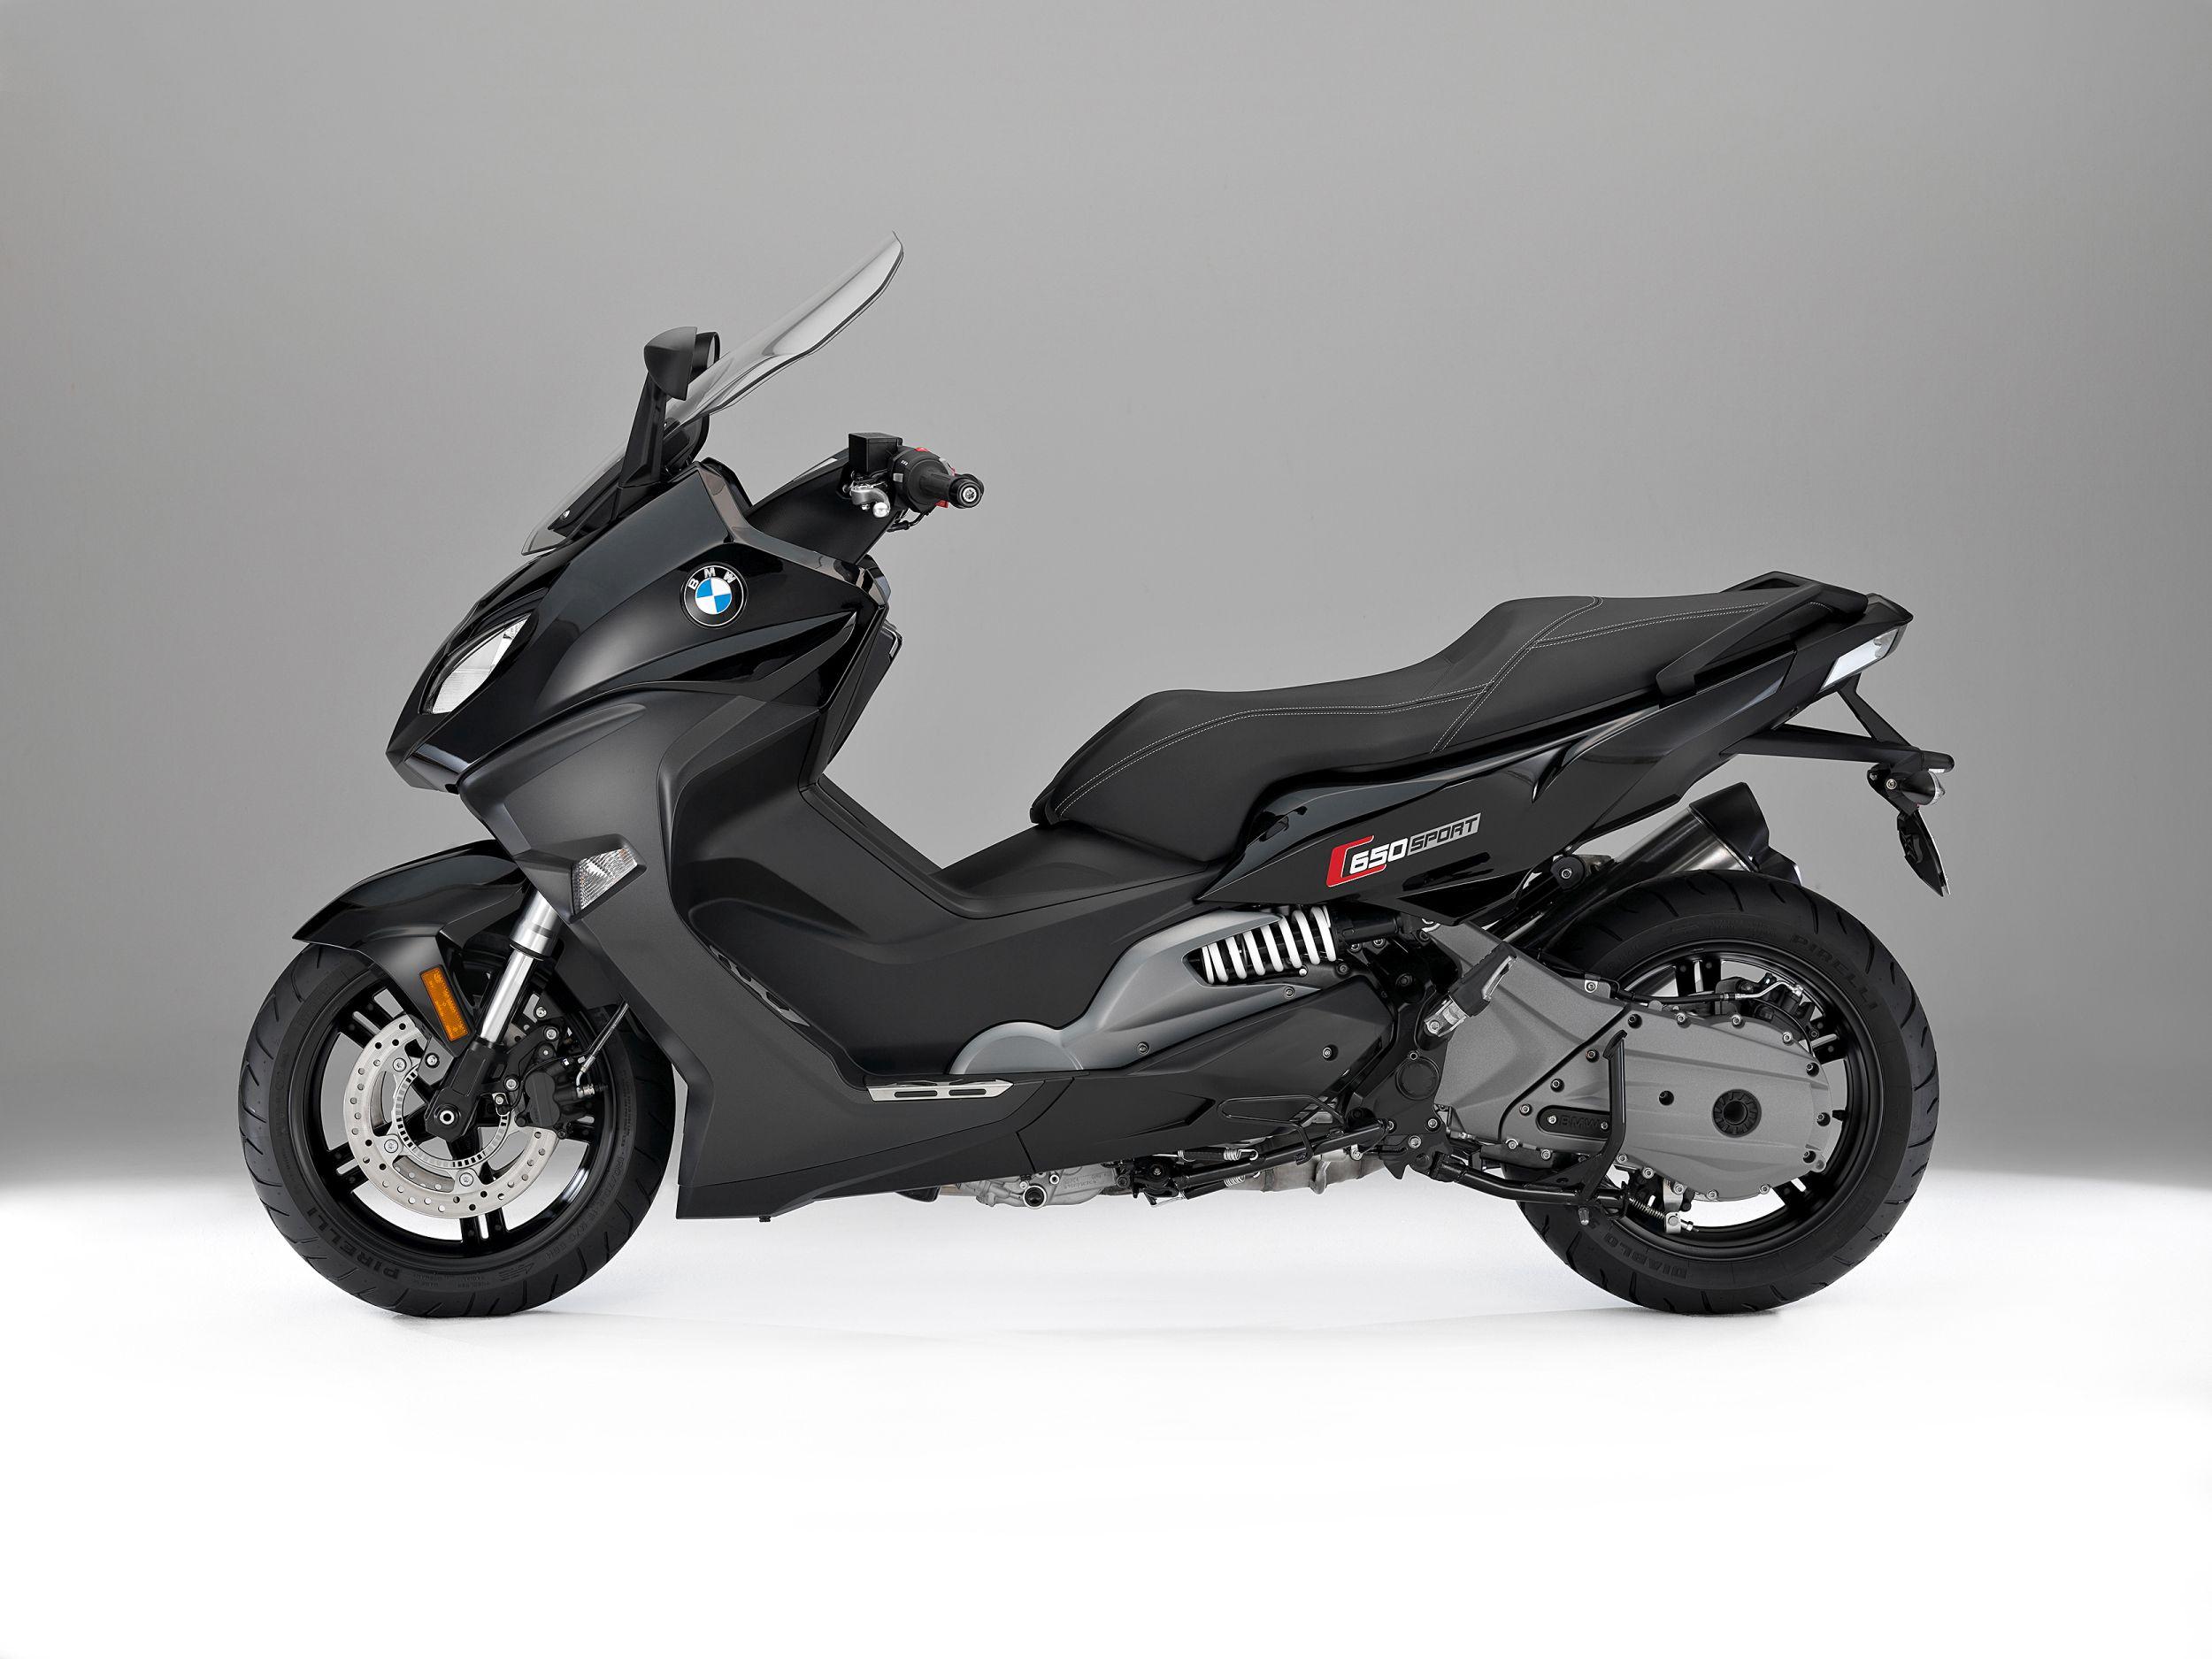 gebrauchte bmw c 650 sport motorr der kaufen. Black Bedroom Furniture Sets. Home Design Ideas